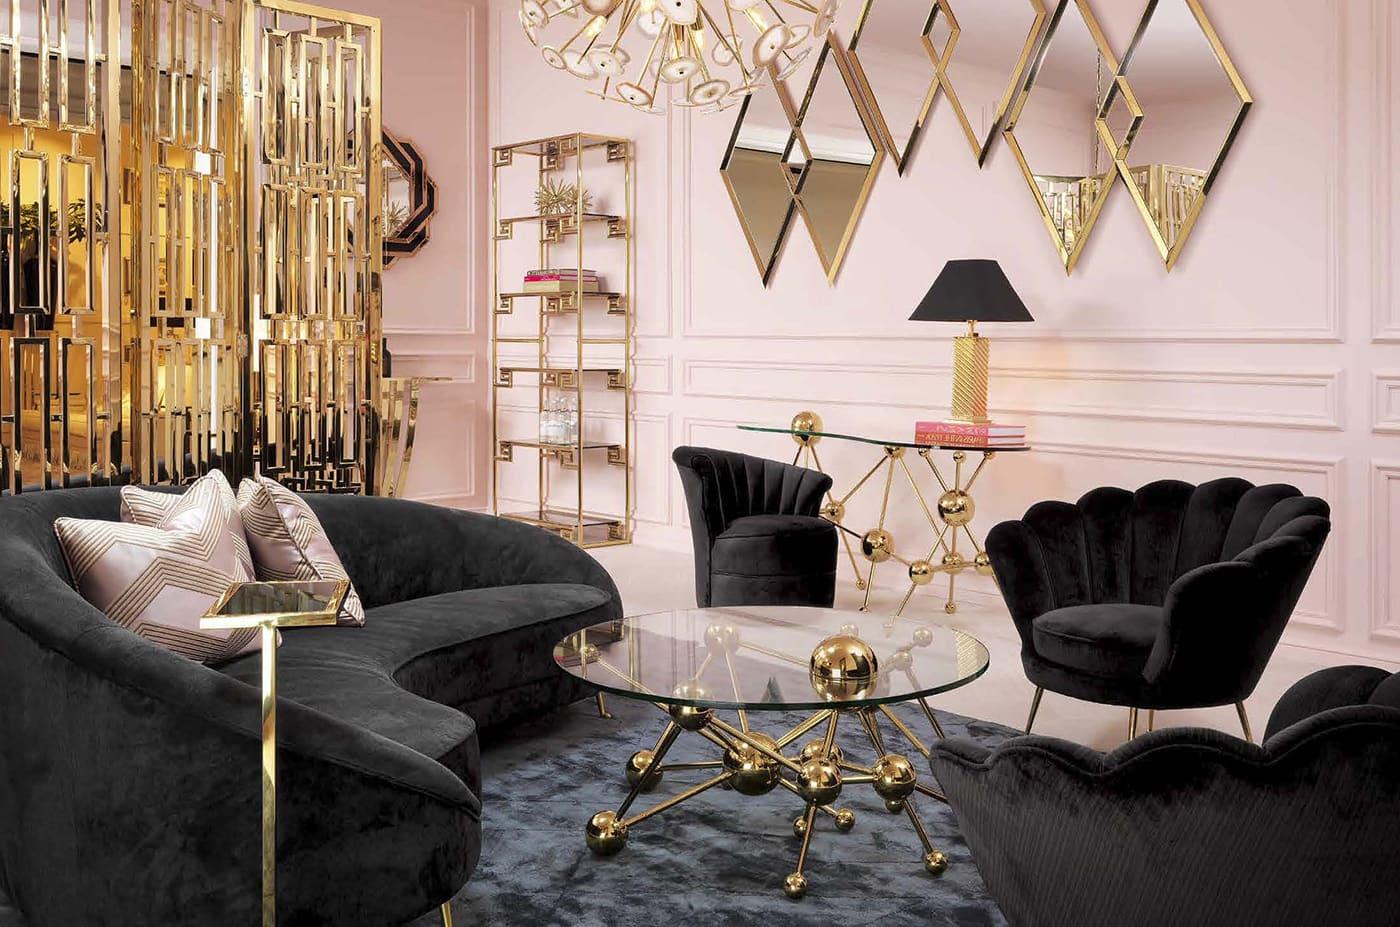 Темная мебель и позолоченные элементы помогают придать интерьеру богемности